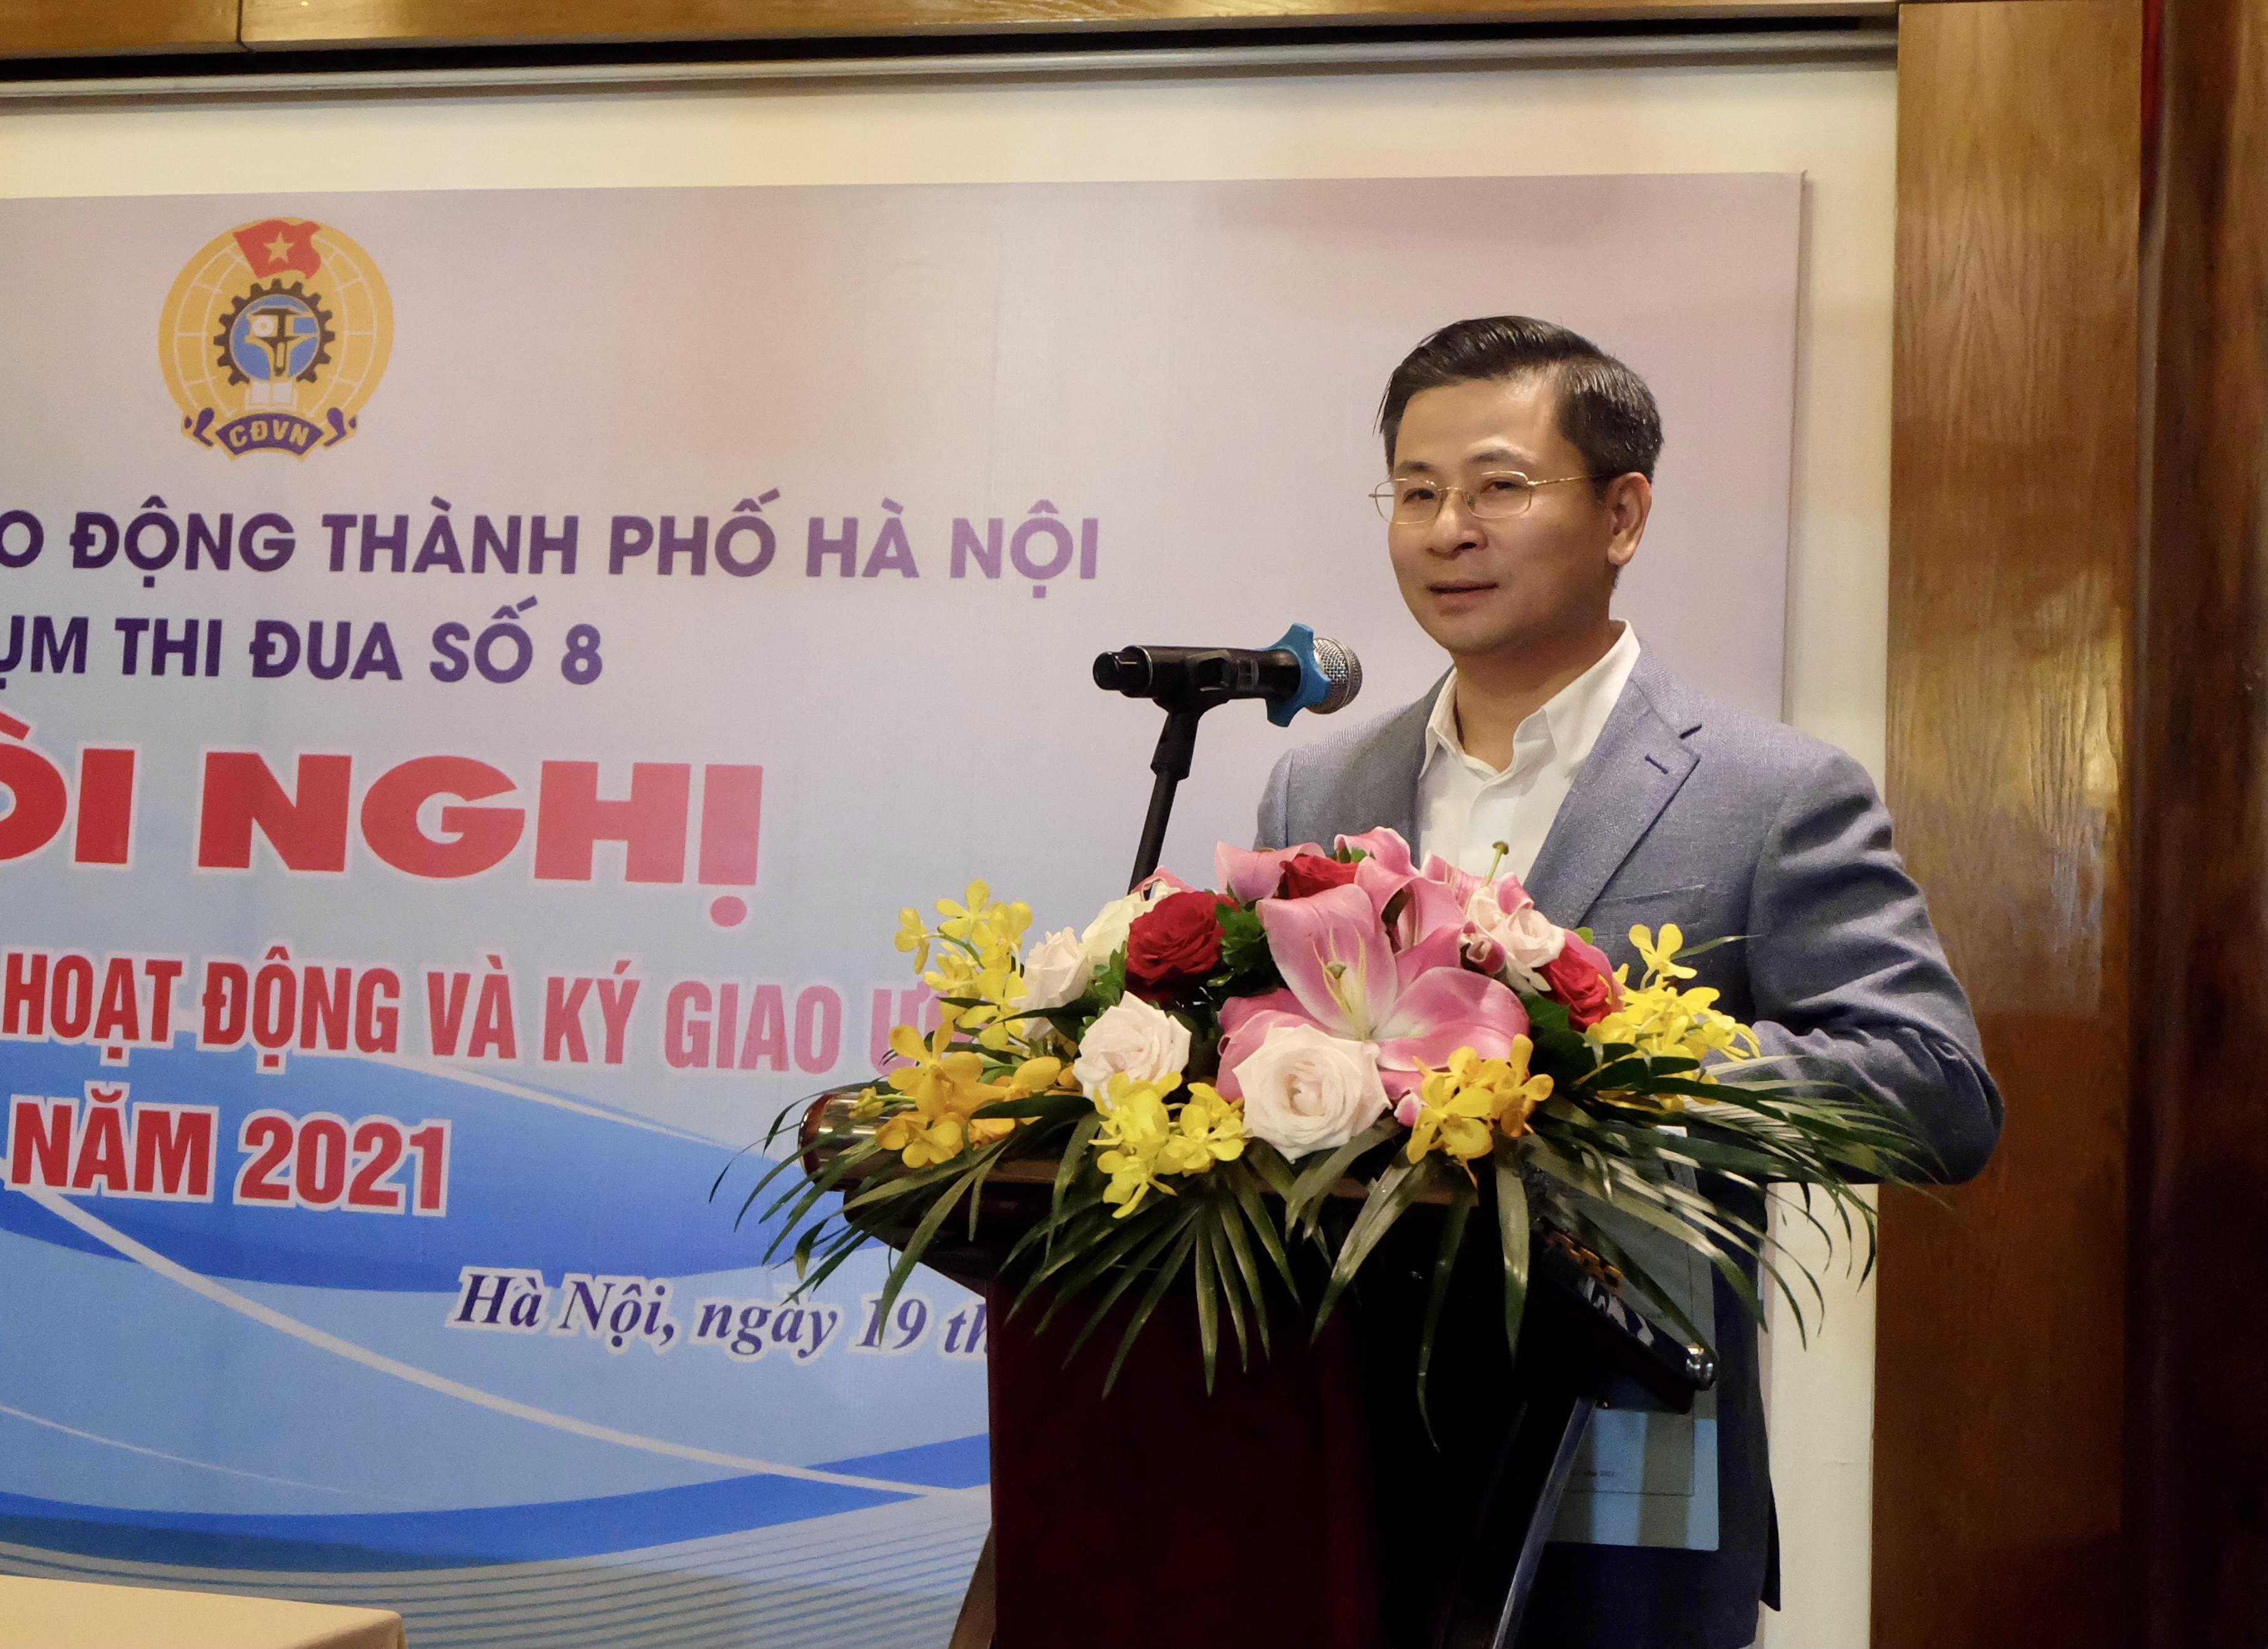 Chủ tịch Liên đoàn Lao động Thành phố: Chú trọng xây dựng và nhân rộng điển hình tiên tiến